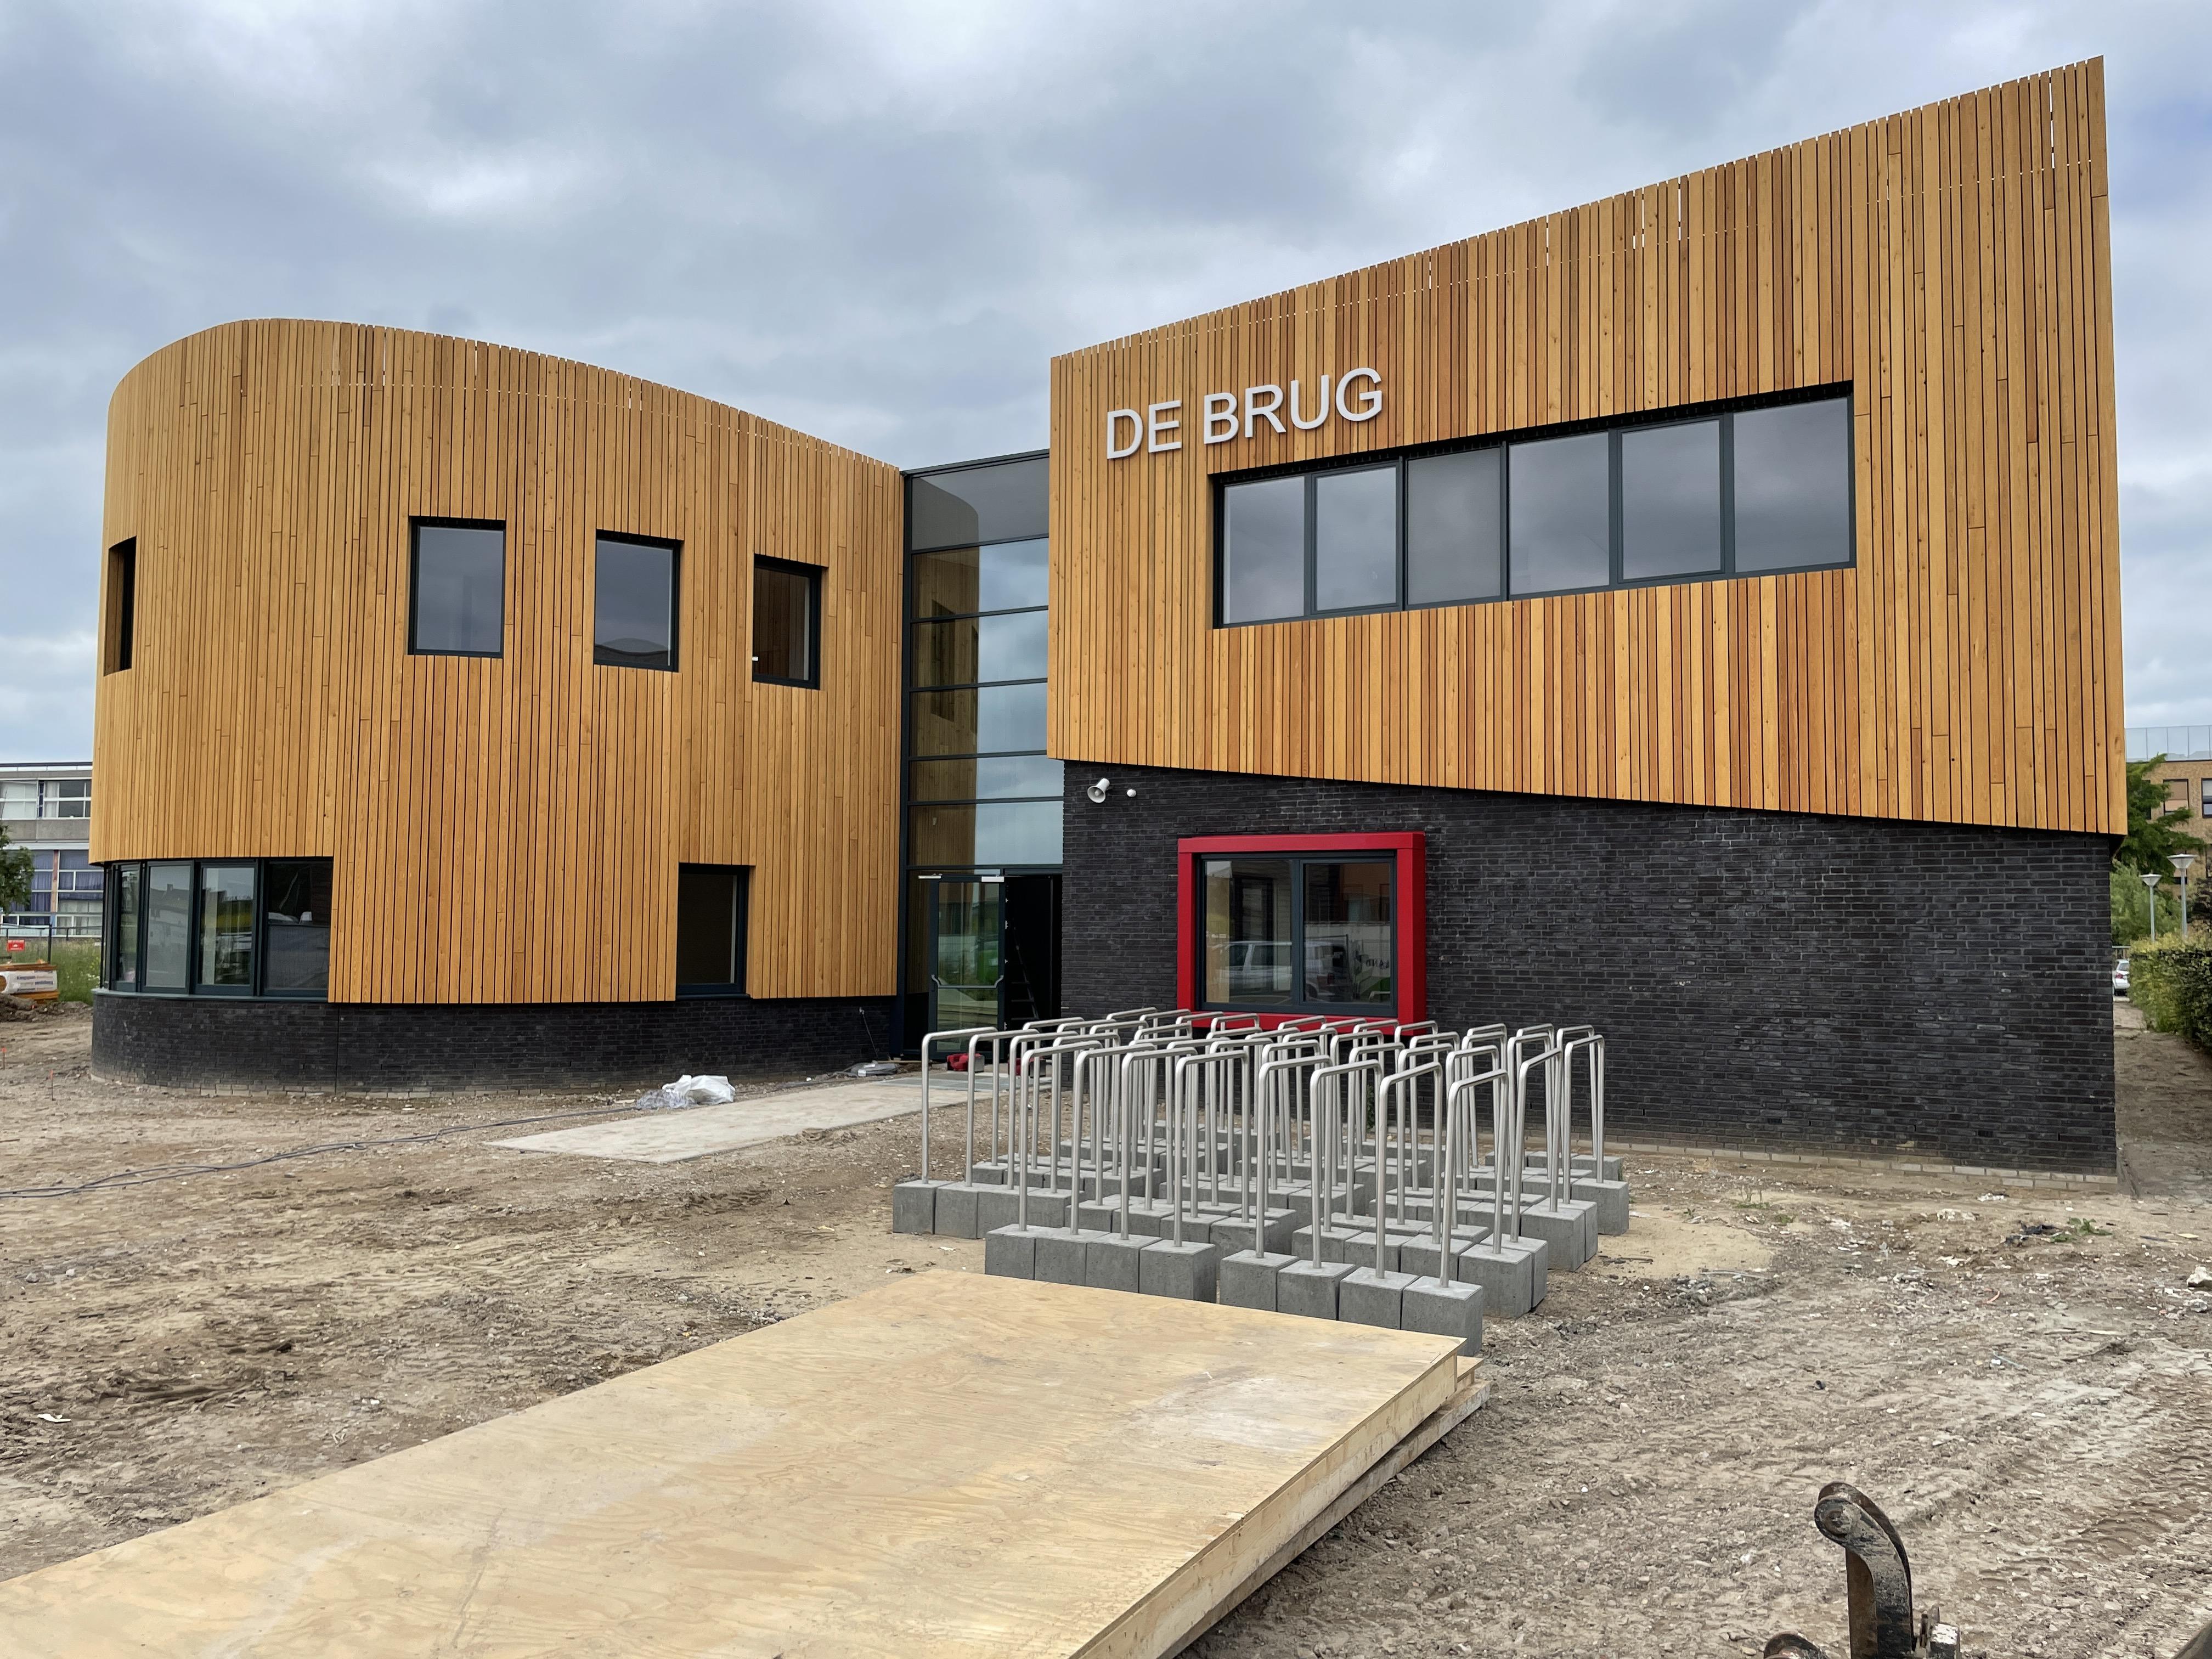 Nieuwbouw praktijkschool De Brug Zaltbommel opgeleverd